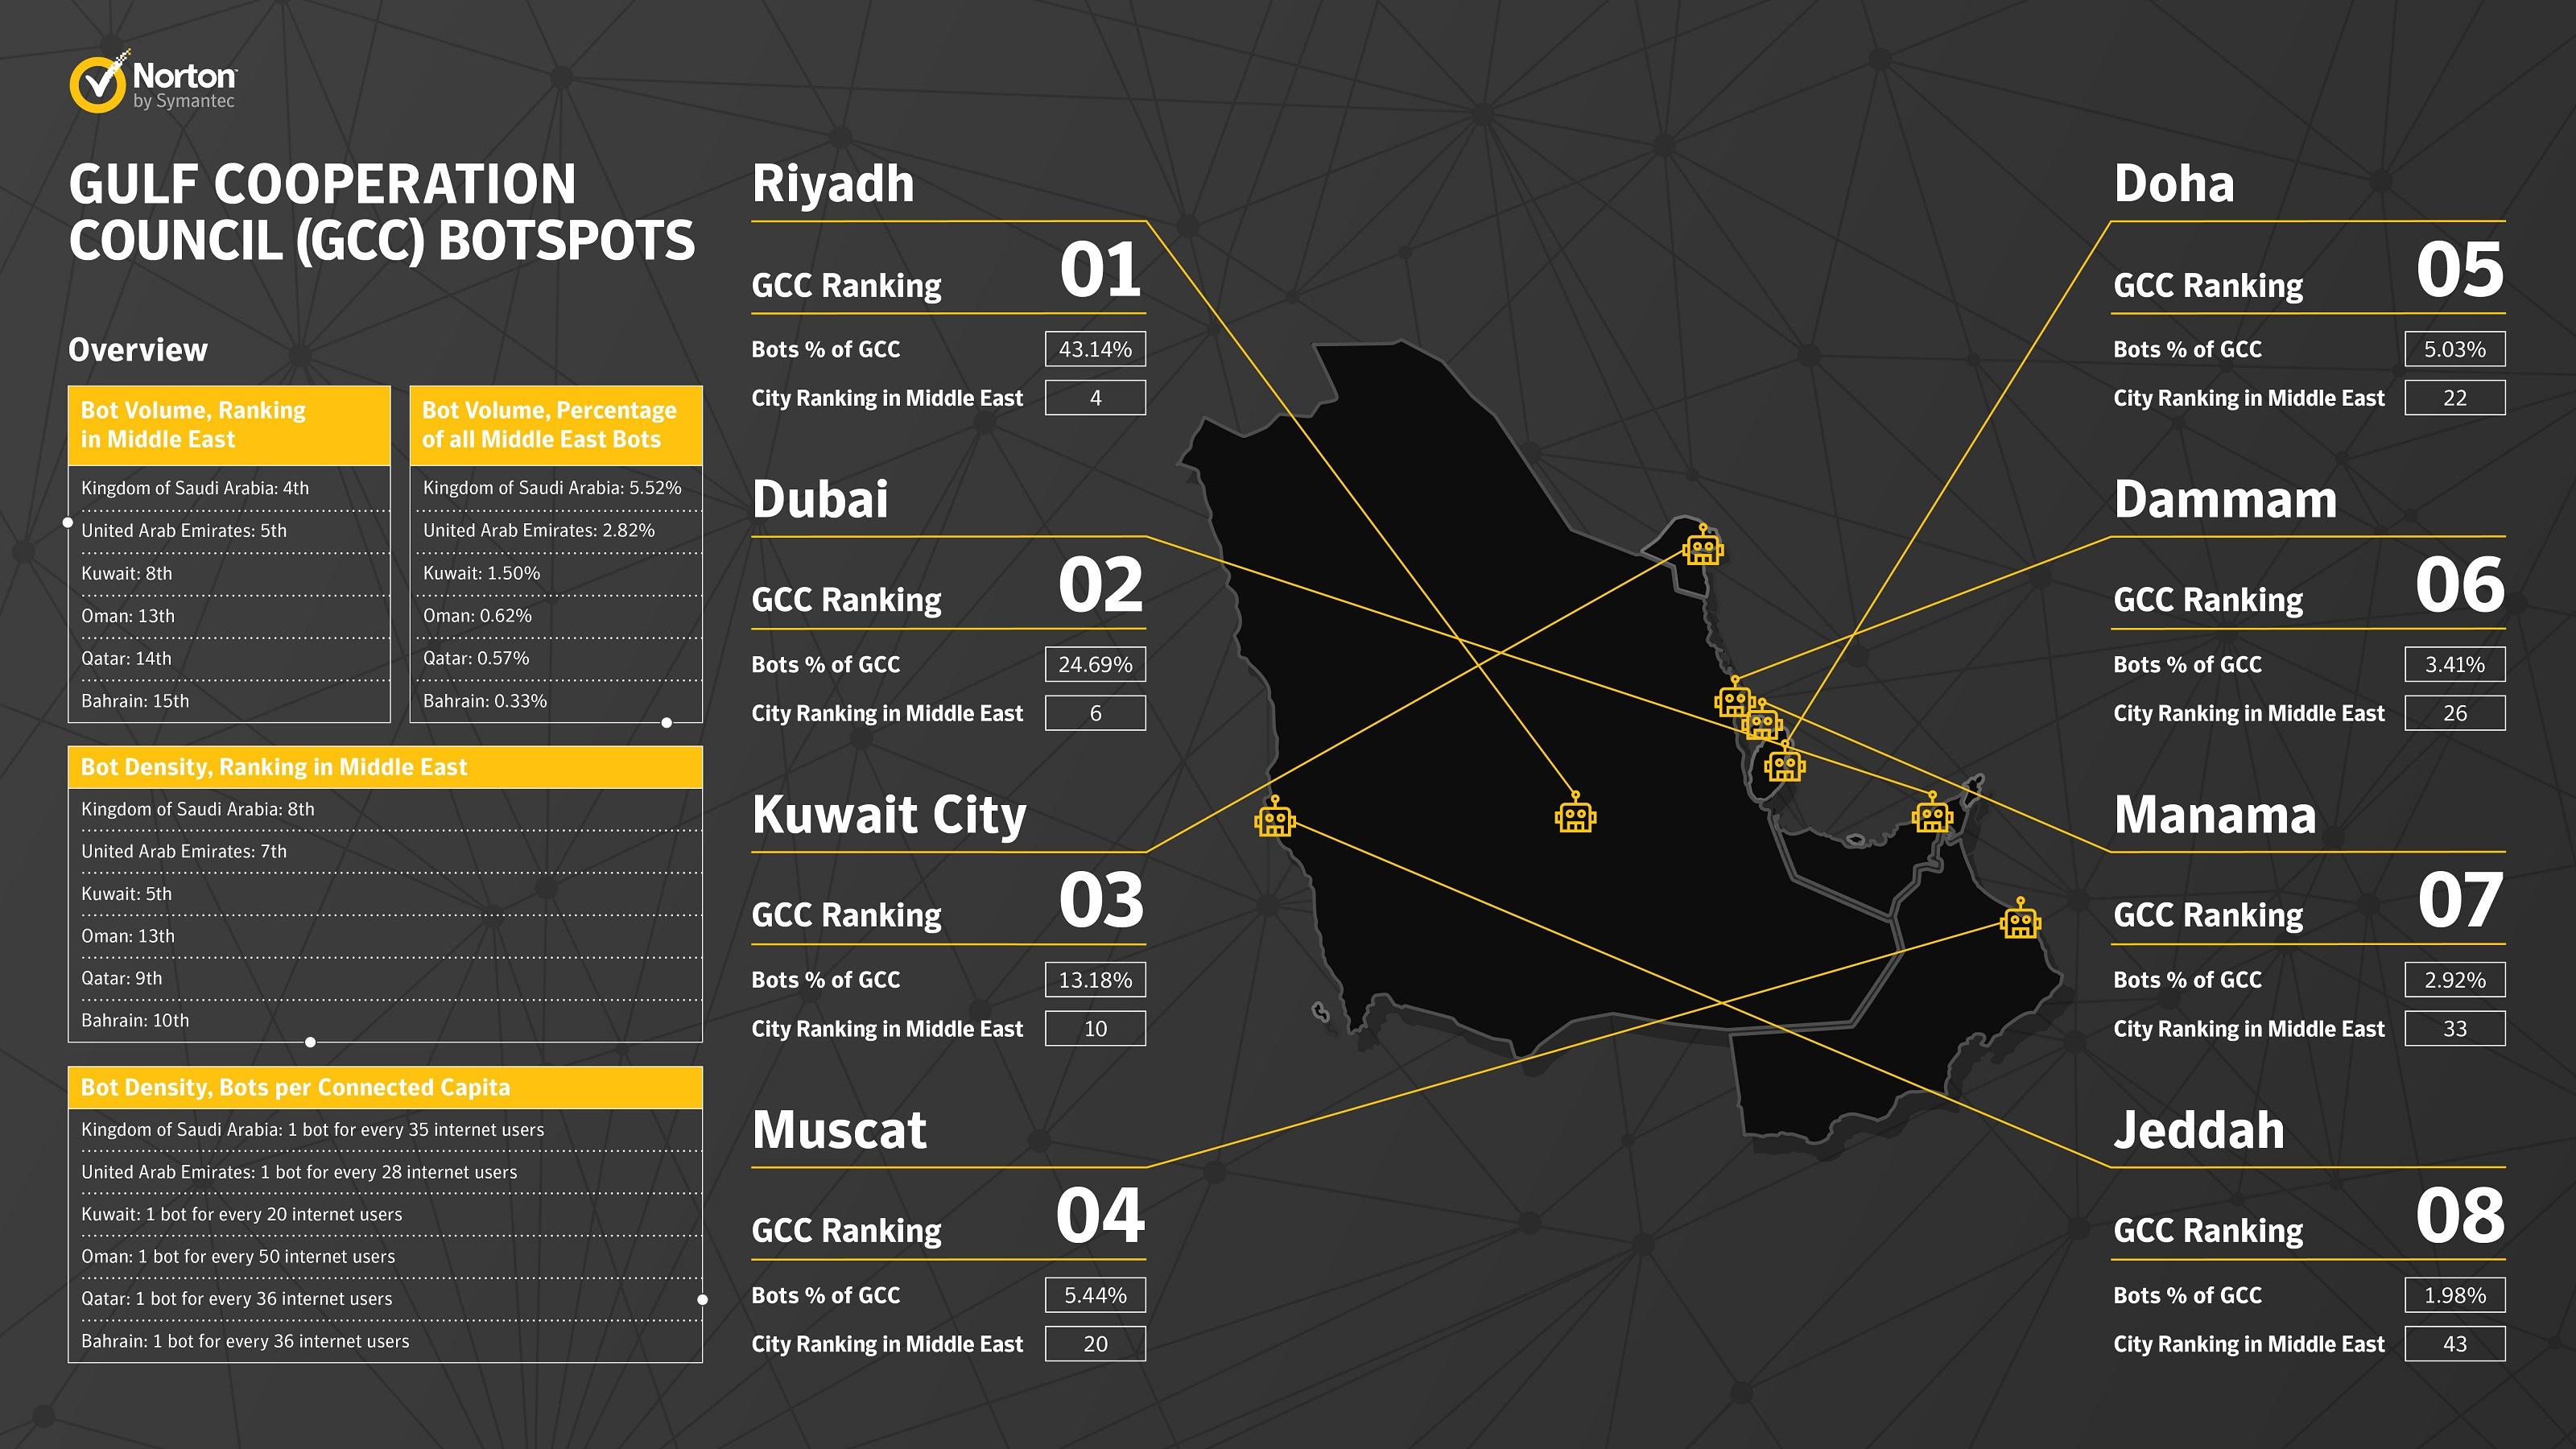 Norton_Botspots_Data Sheet_GCC_ENGLISH